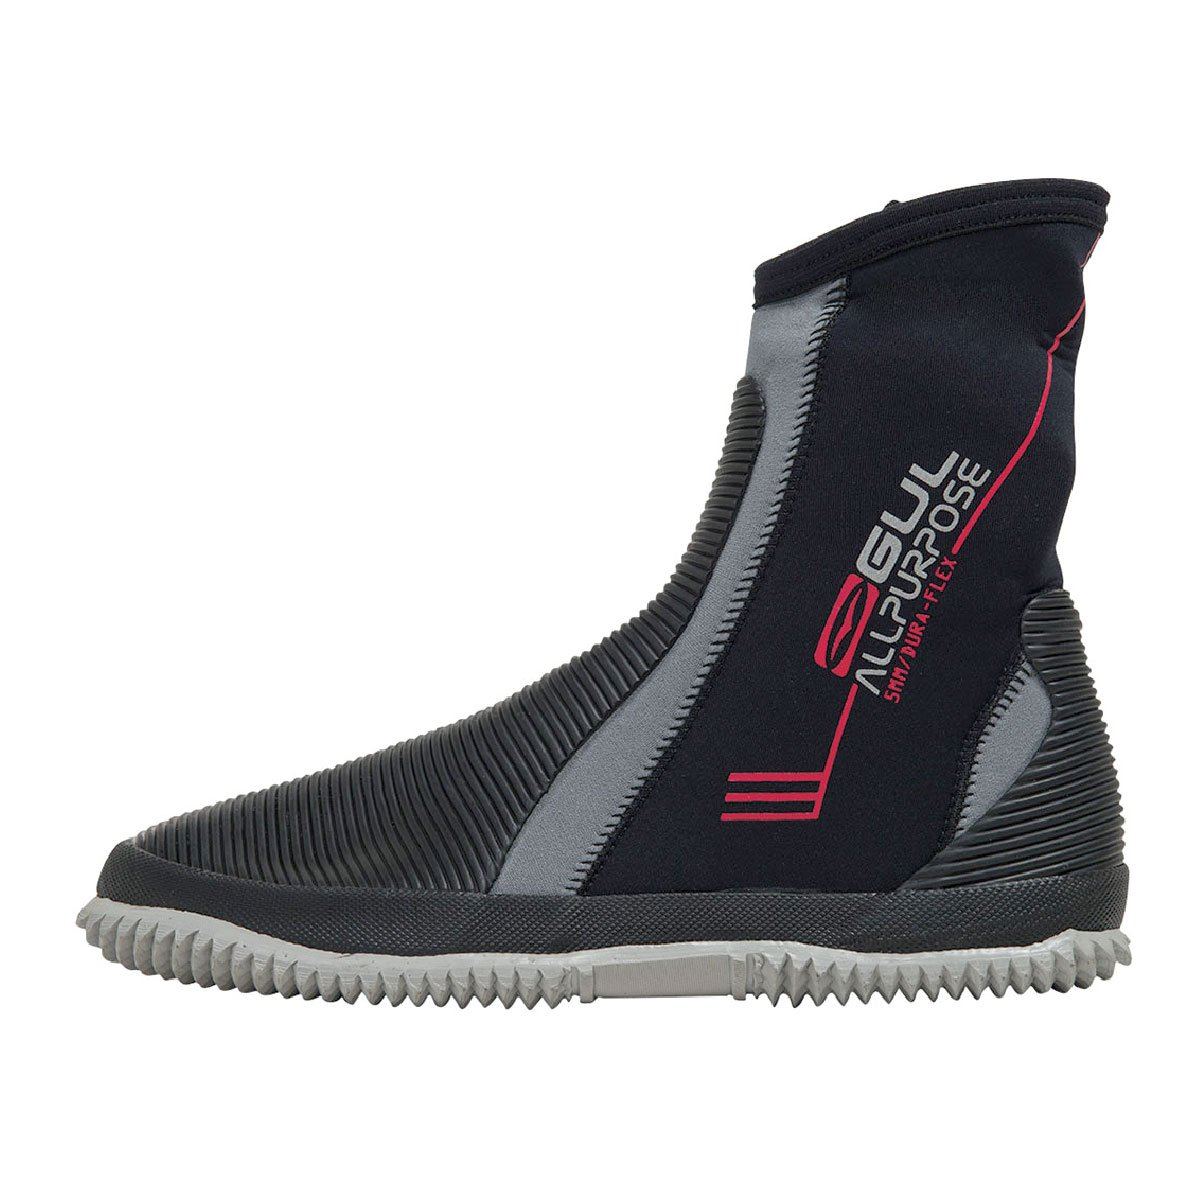 Gul Juniorすべて目的ブーツ2017 – 5 mmウェットスーツブーツ – ブラックグレー B0147GTQLQ UK Size 4